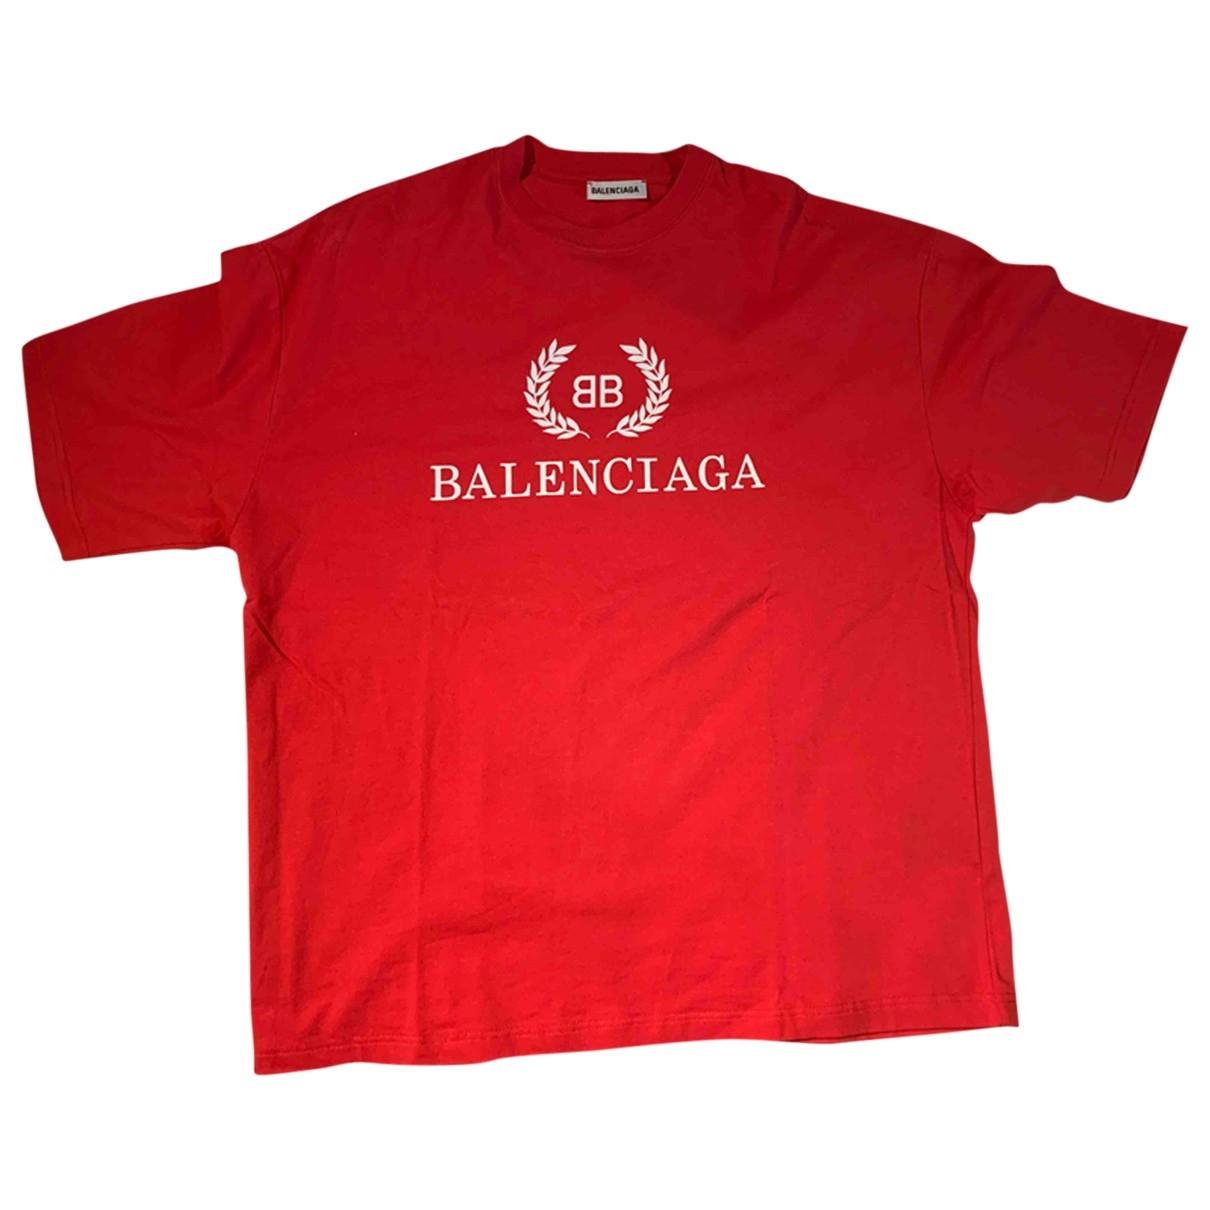 Balenciaga - Tee shirts   pour homme en coton - rose